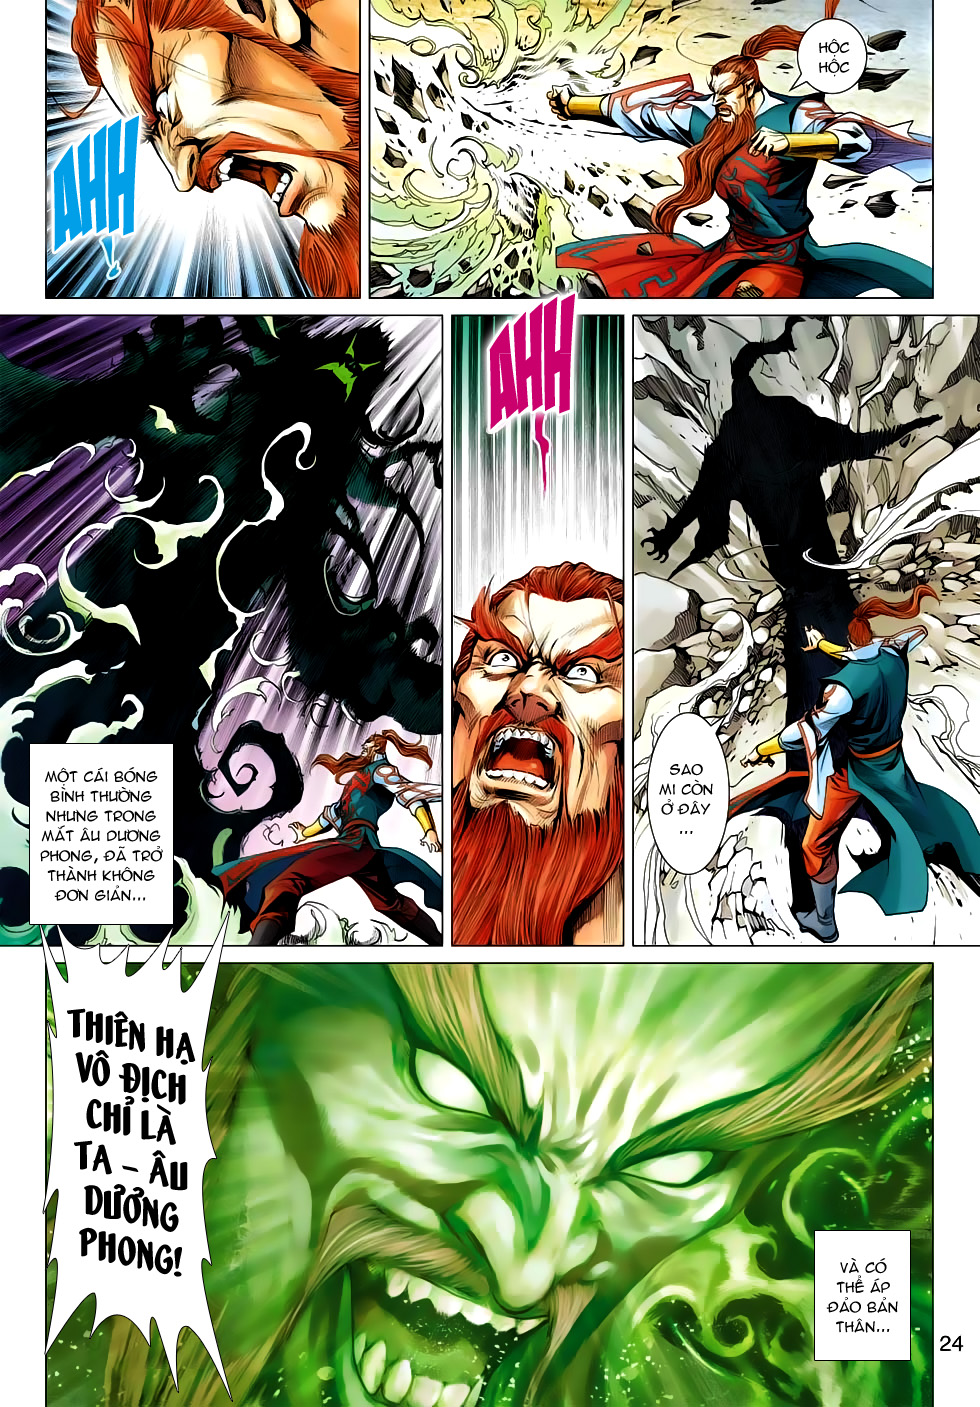 Xạ Điêu Anh Hùng Truyện chap 100 – End Trang 24 - Mangak.info